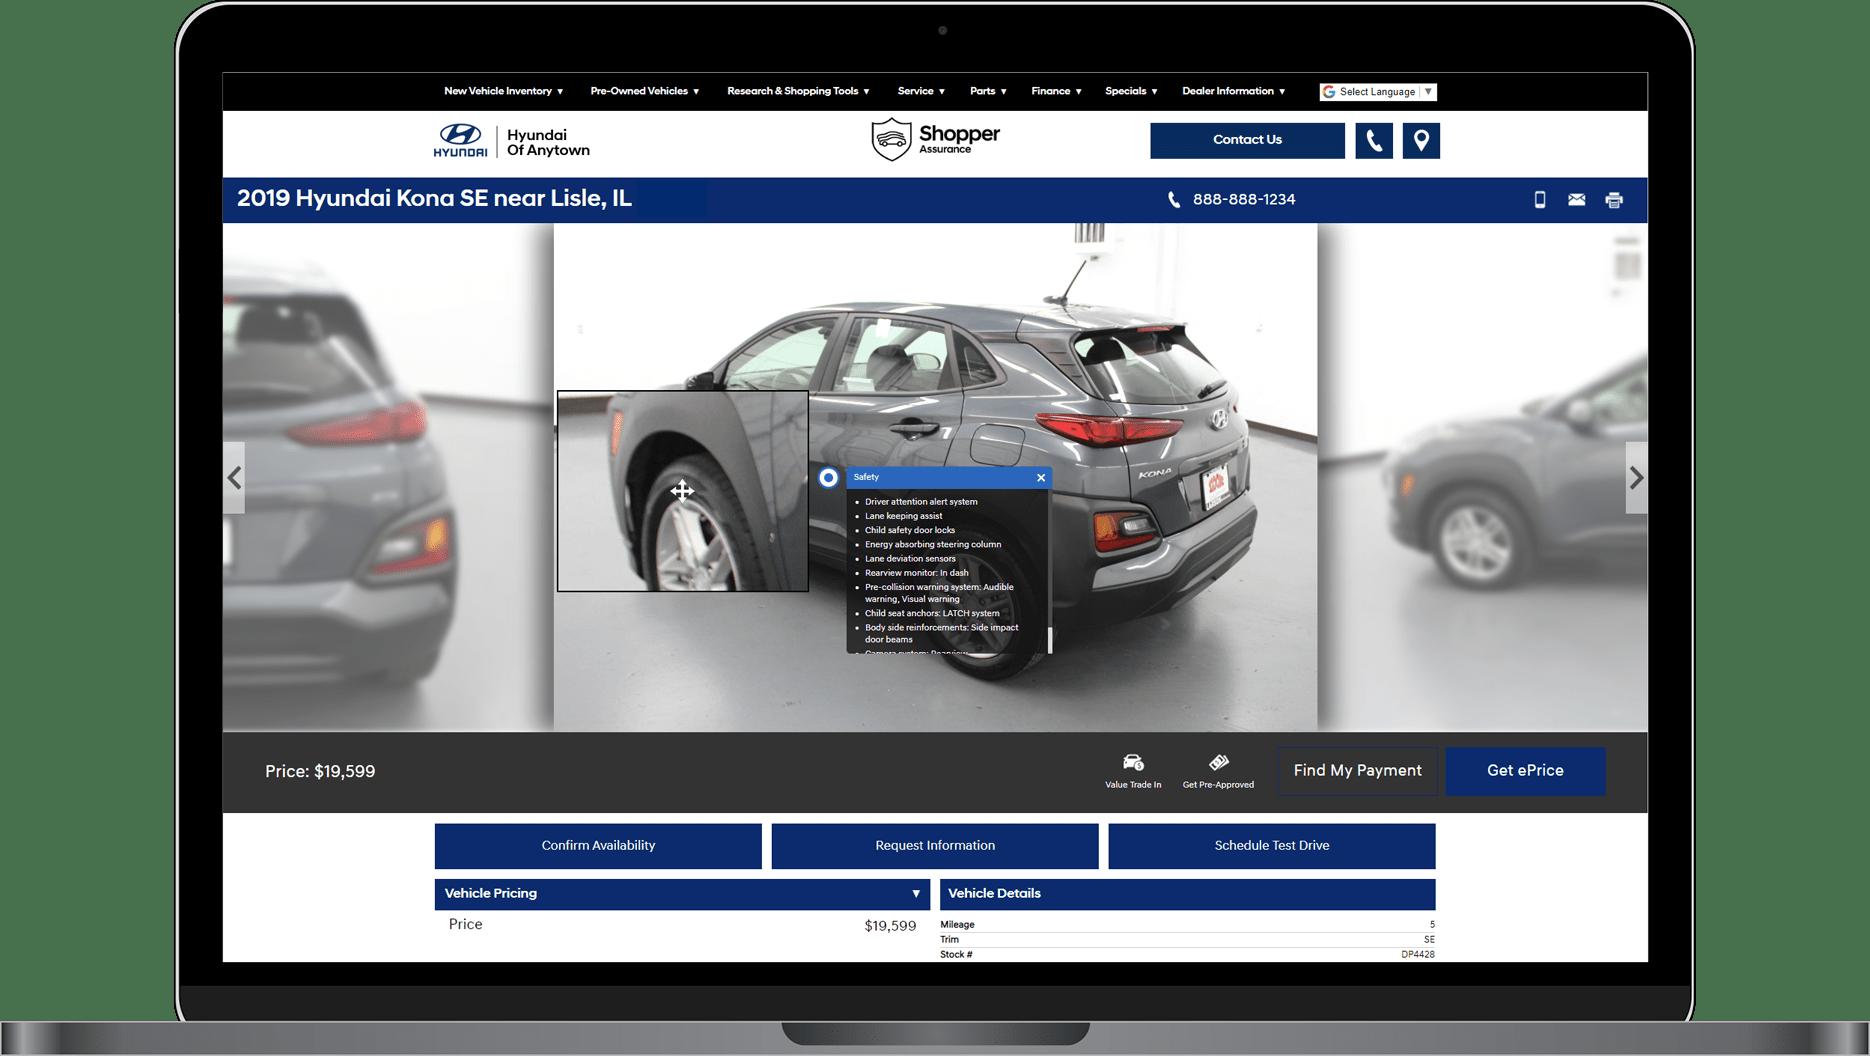 VDPxL shows Hyundai vehicle